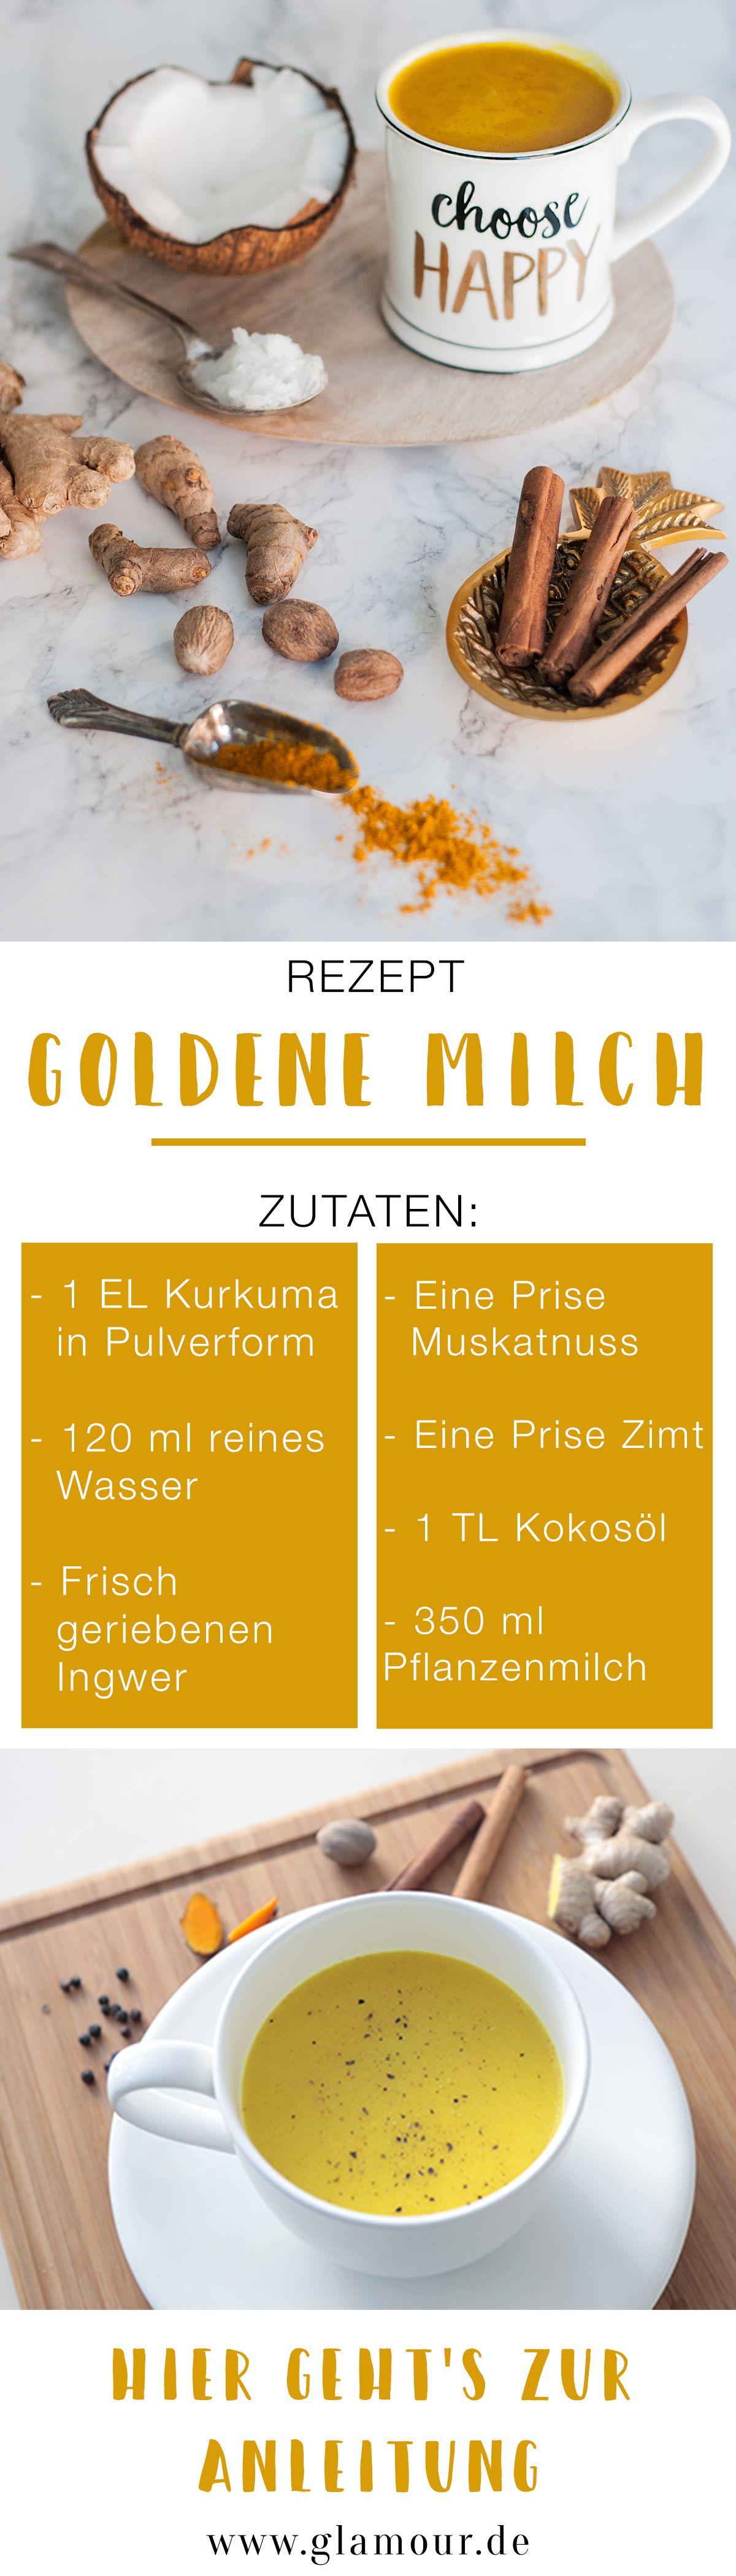 Goldene Milch Schnelles Rezept Und Wirkung Des Kurkuma Latte Rezepte Goldene Milch Rezept Goldene Milch